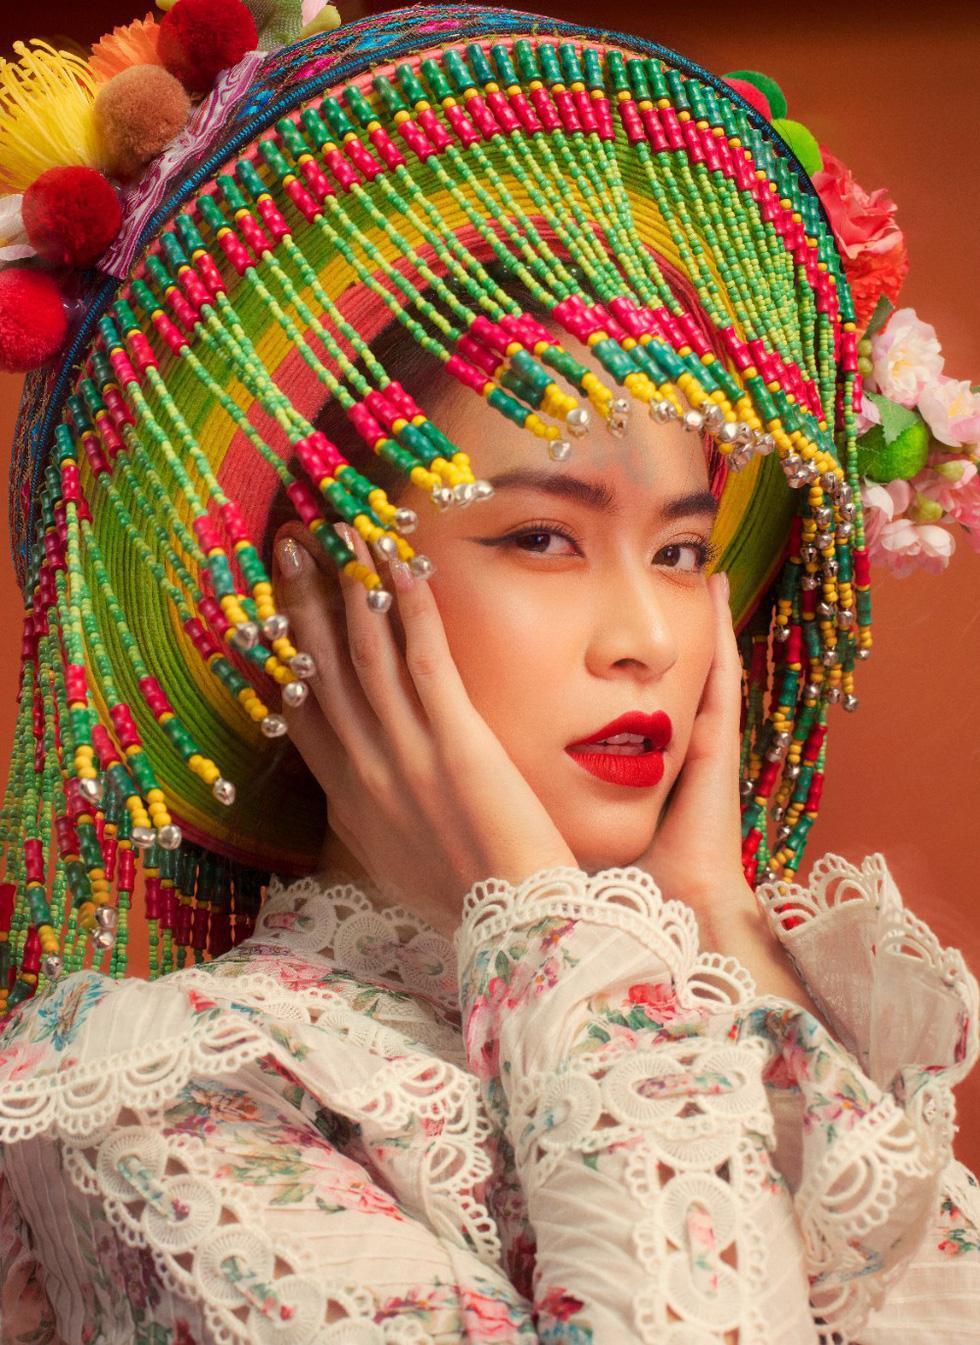 Hoàng - Hành trình đầy đủ cảm xúc của Hoàng Thùy Linh - Ảnh 5.